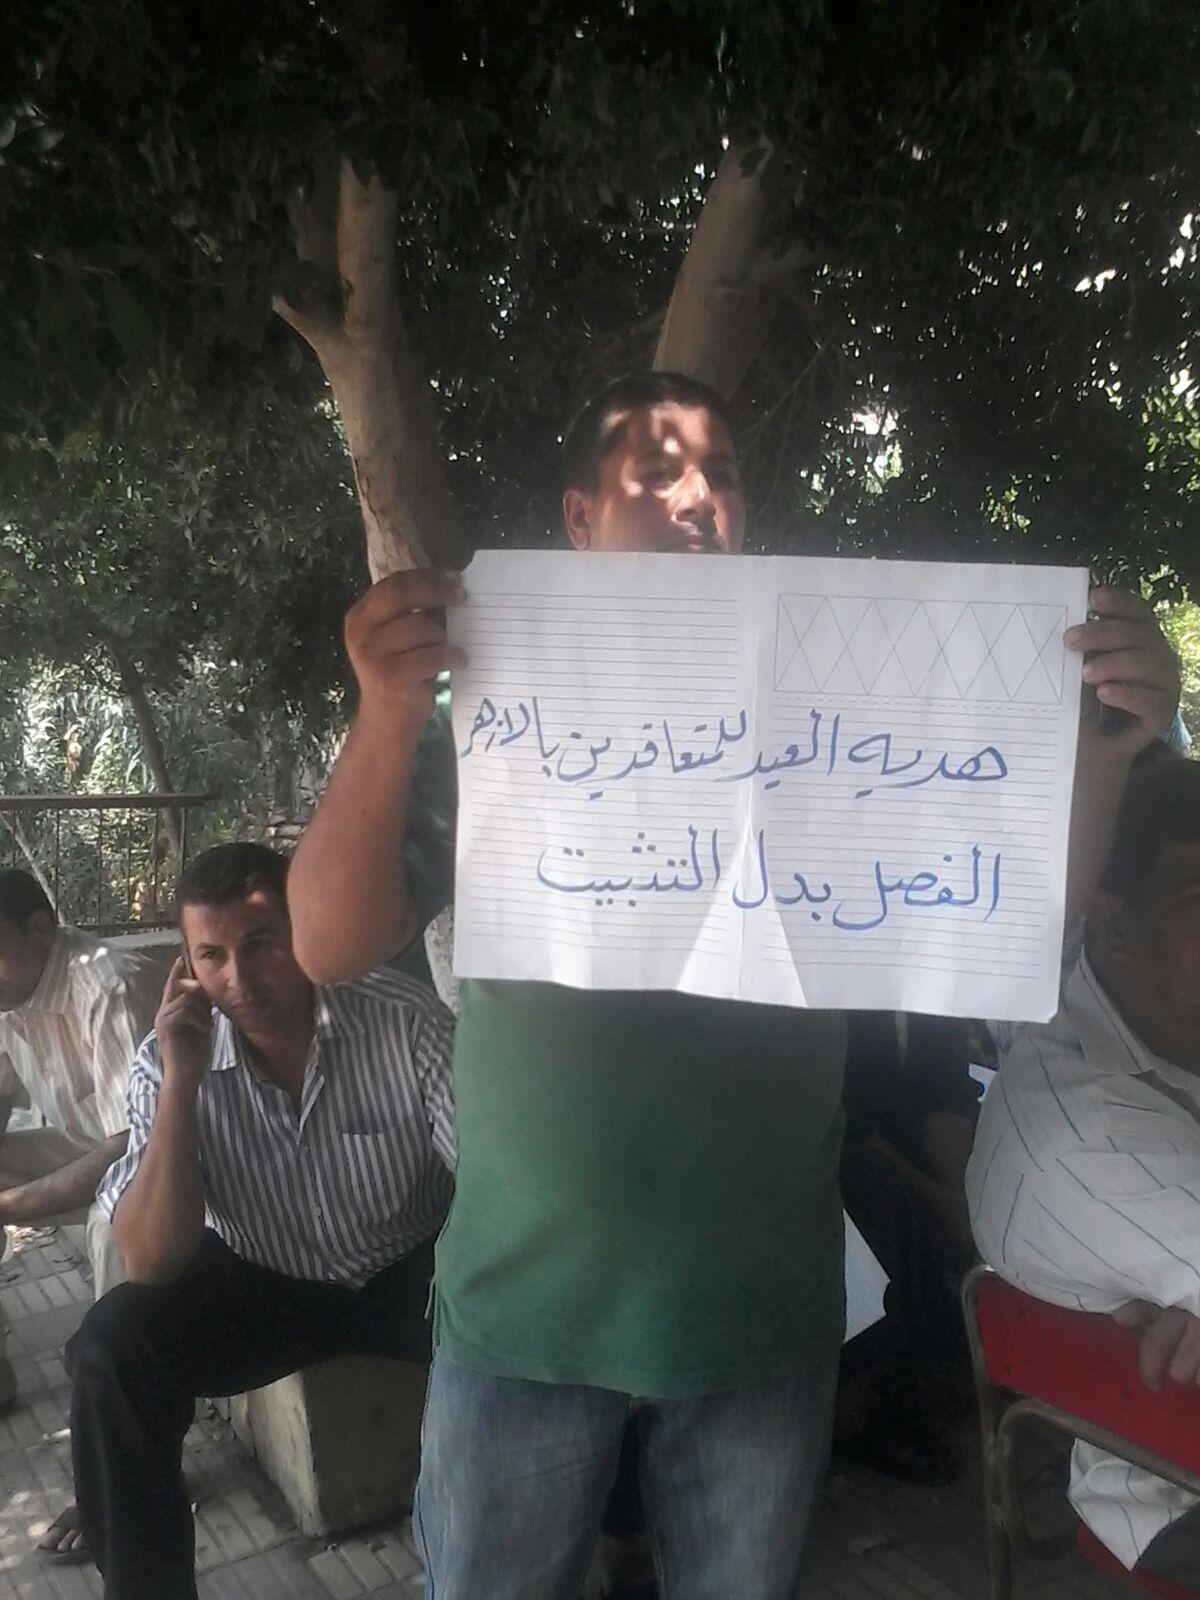 لصور.. معلمون يتظاهرون أمام المنطقة الأزهرية بالقاهرة اعتراضًا على فصلهم